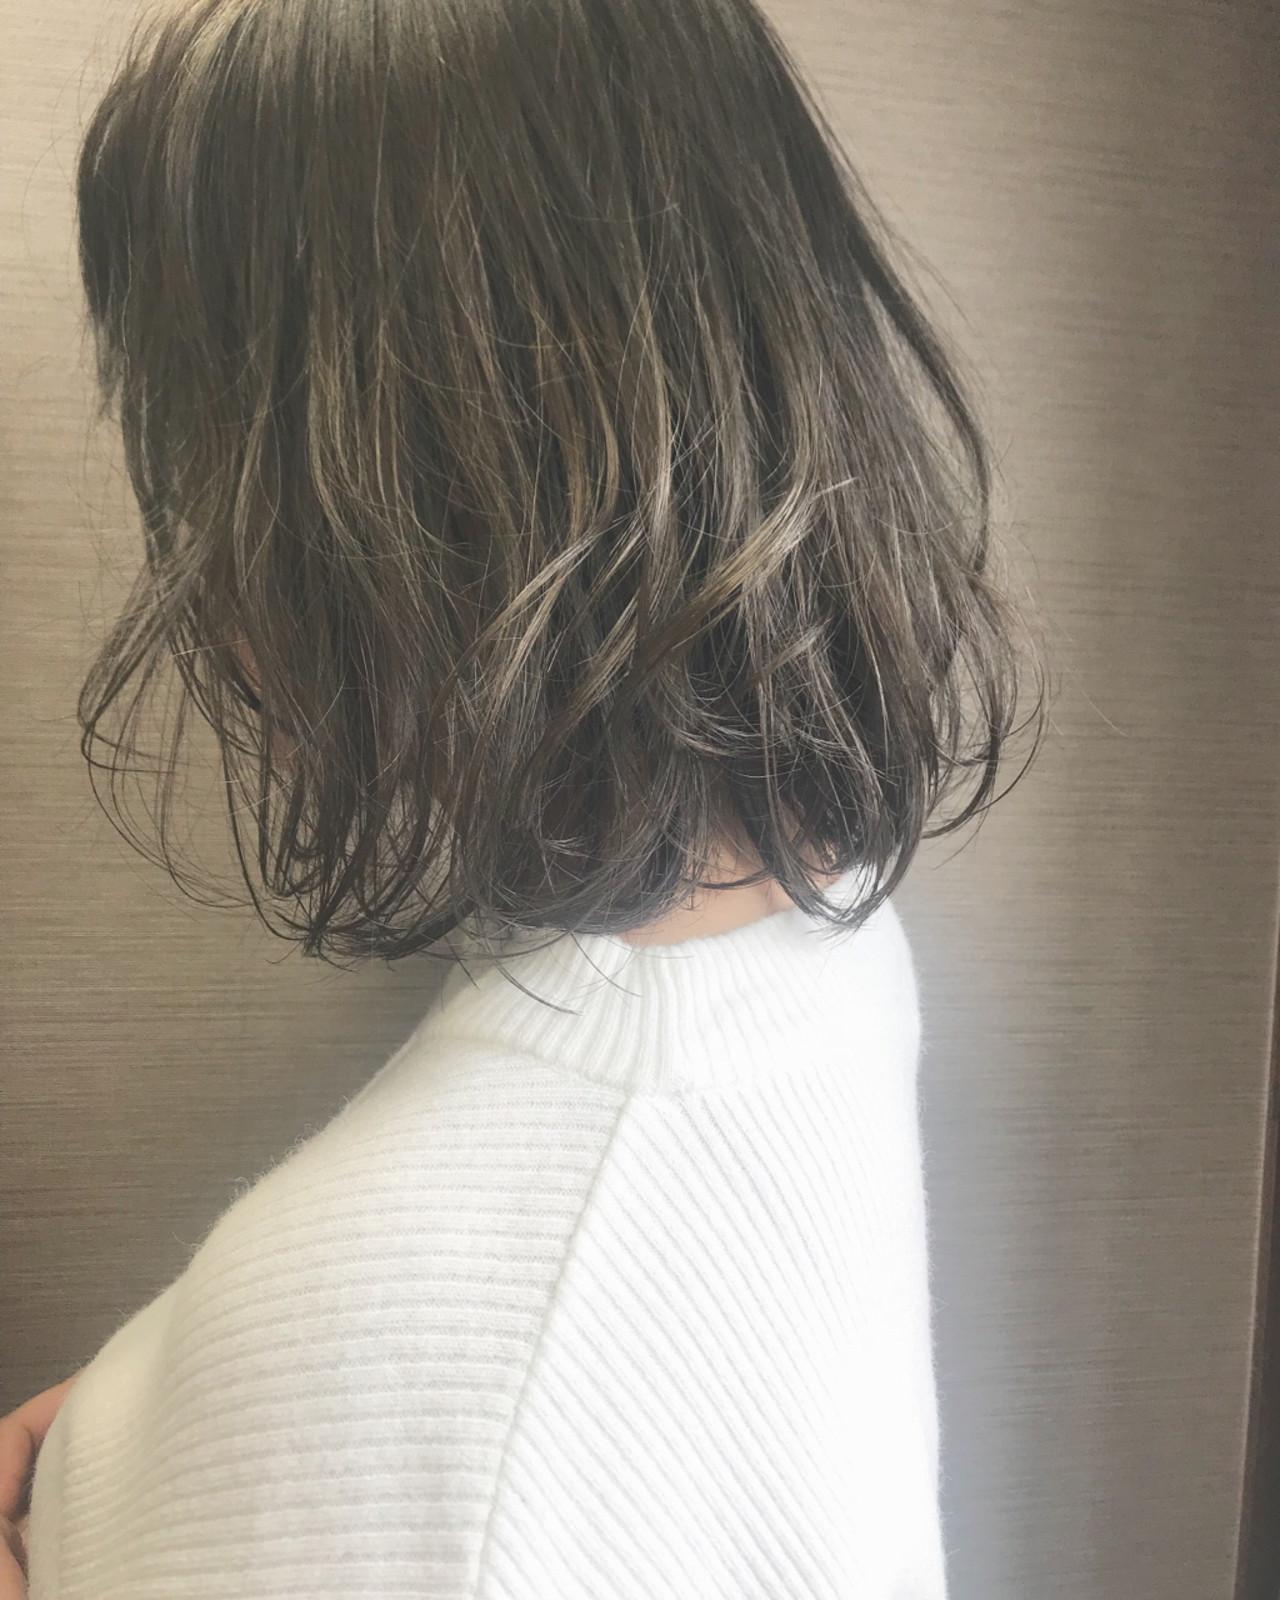 ウェーブ アンニュイ 冬 ボブ ヘアスタイルや髪型の写真・画像